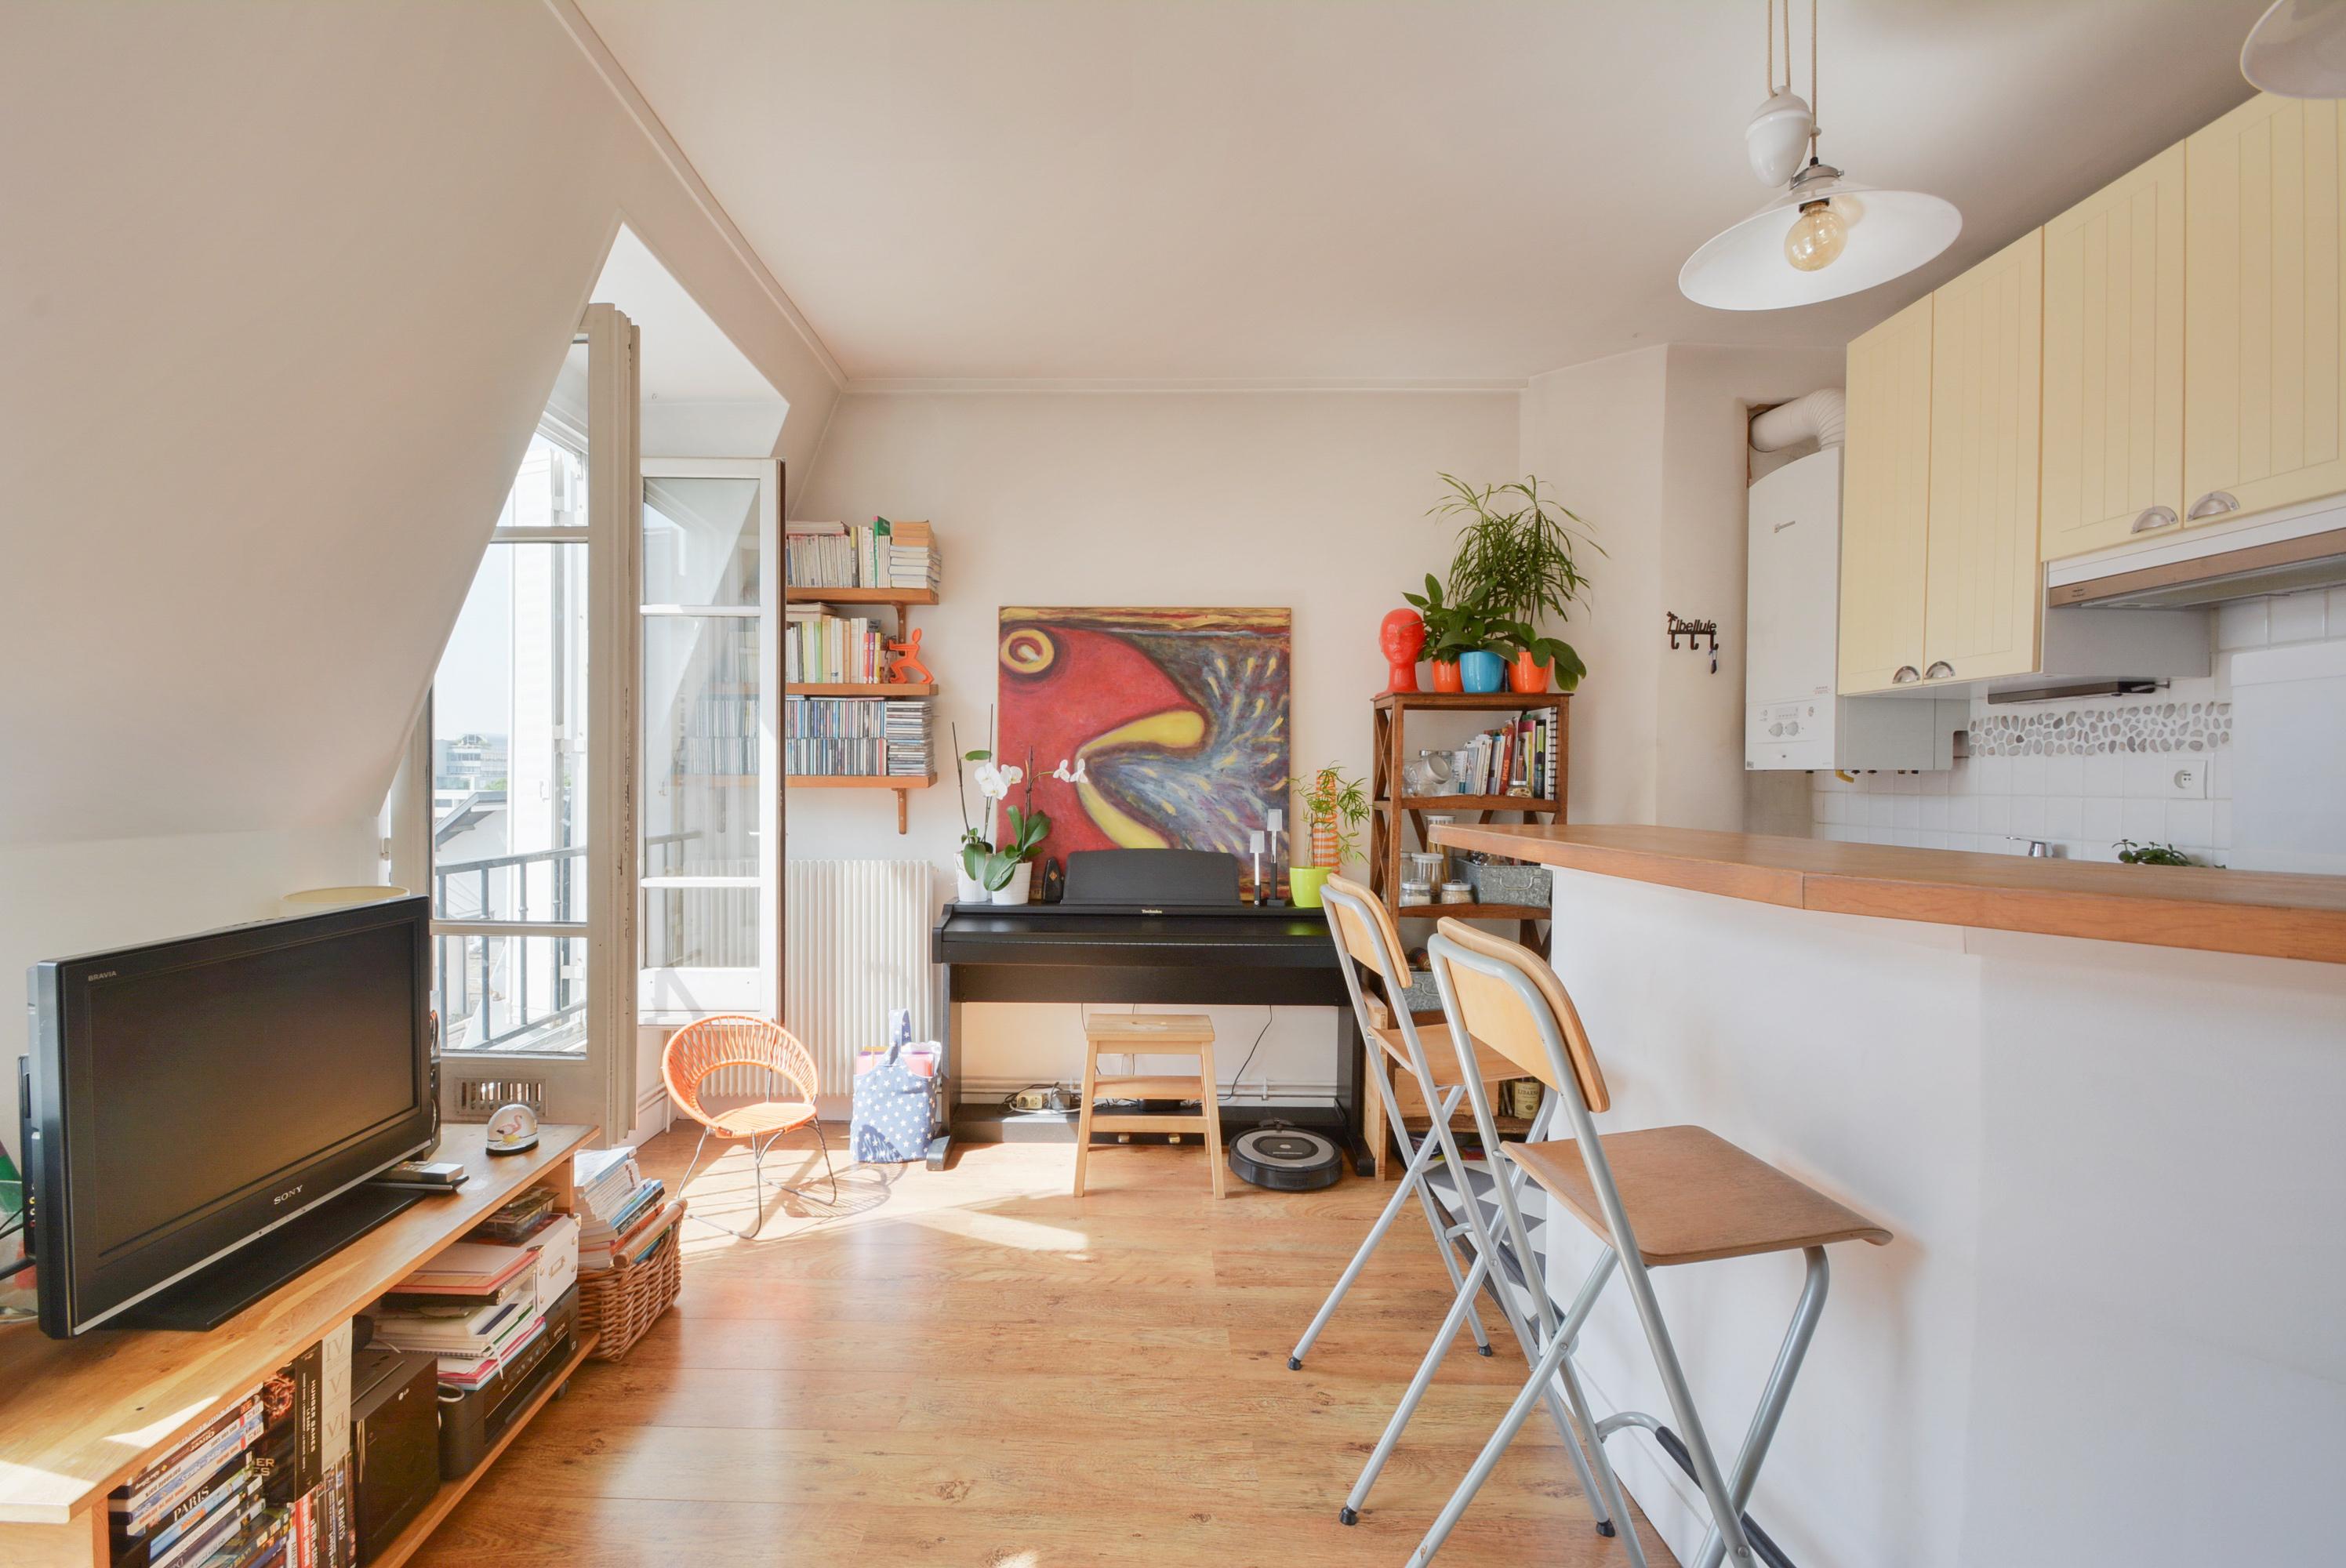 Appartement 3 pièces, 44 m²  (75012)